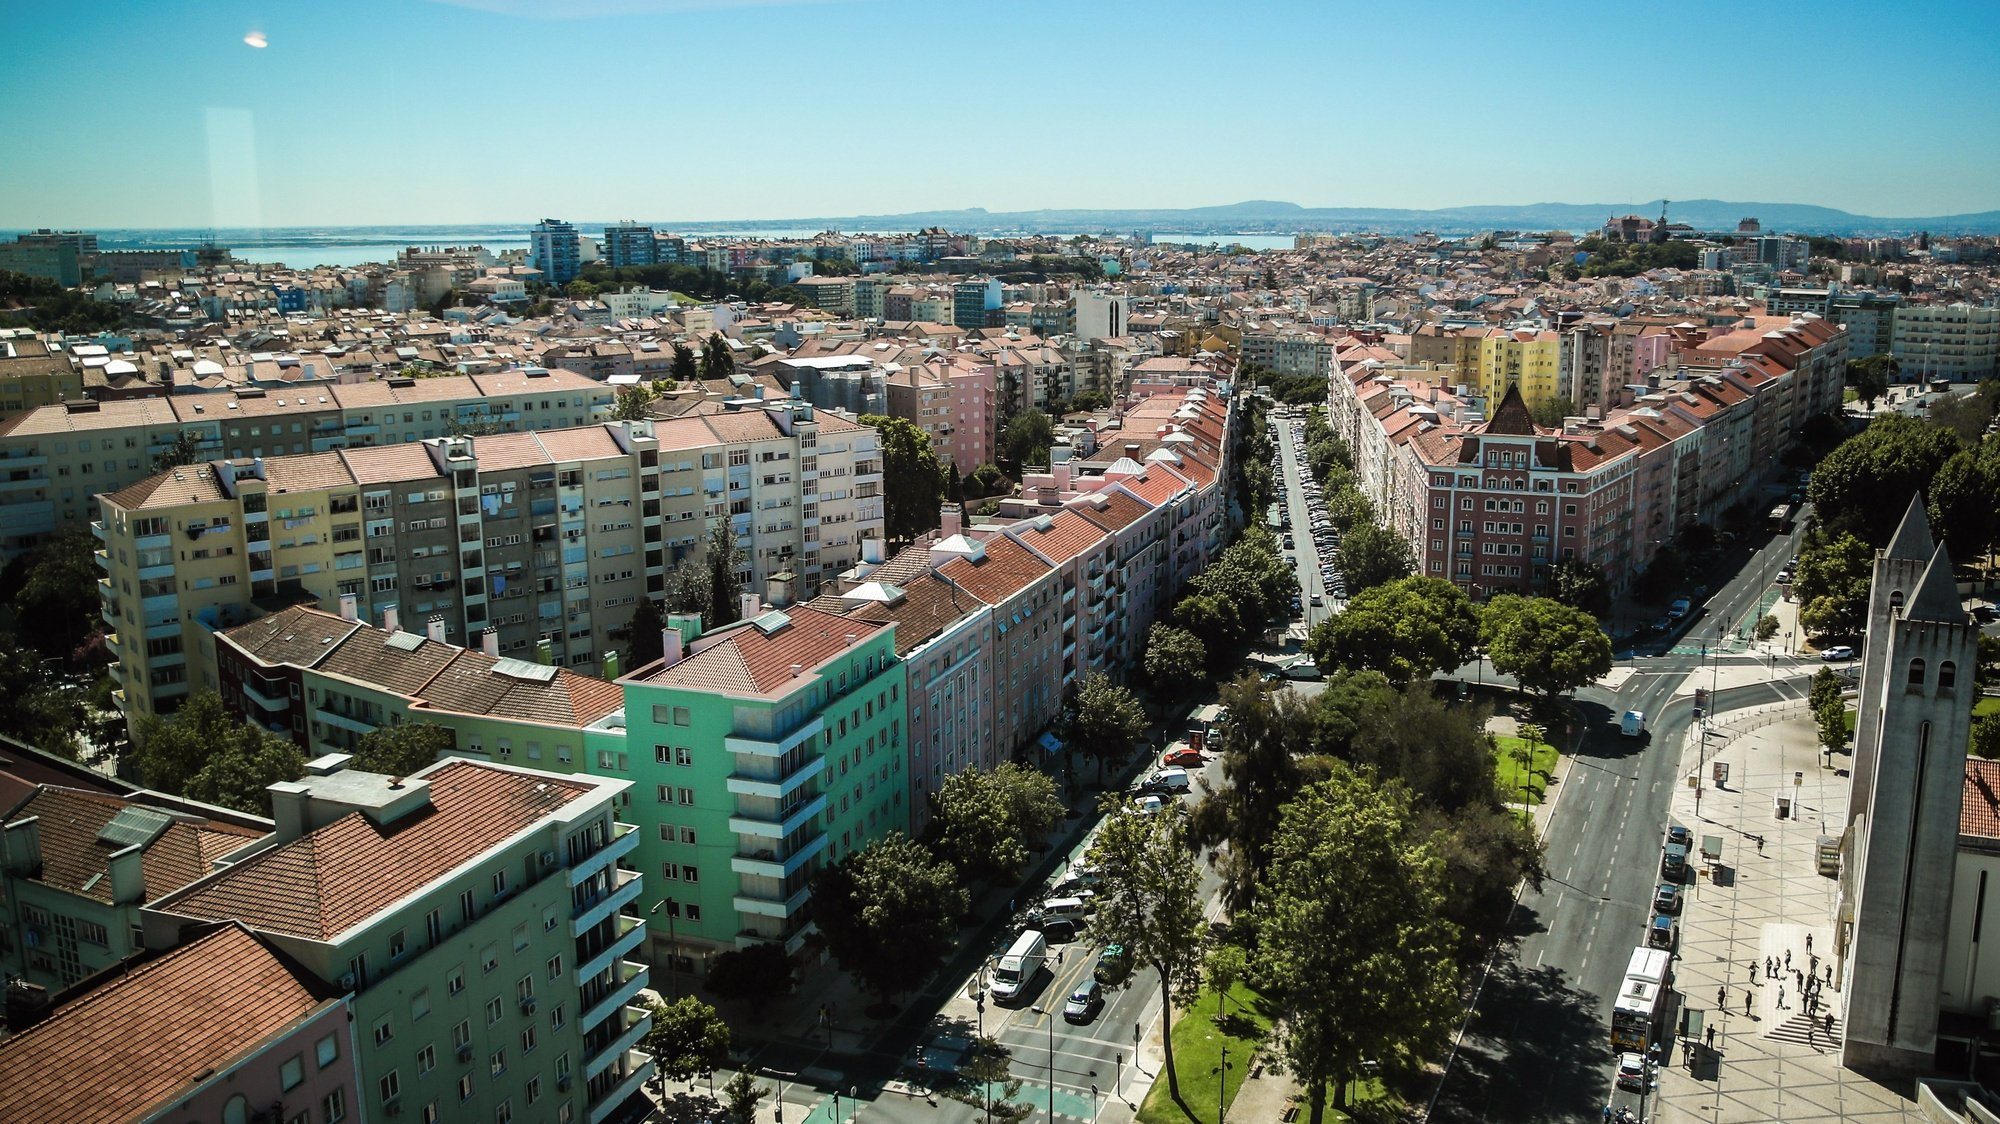 Vista da cidade de Lisboa, 2 de julho de 2021. MÁRIO CRUZ/LUSA